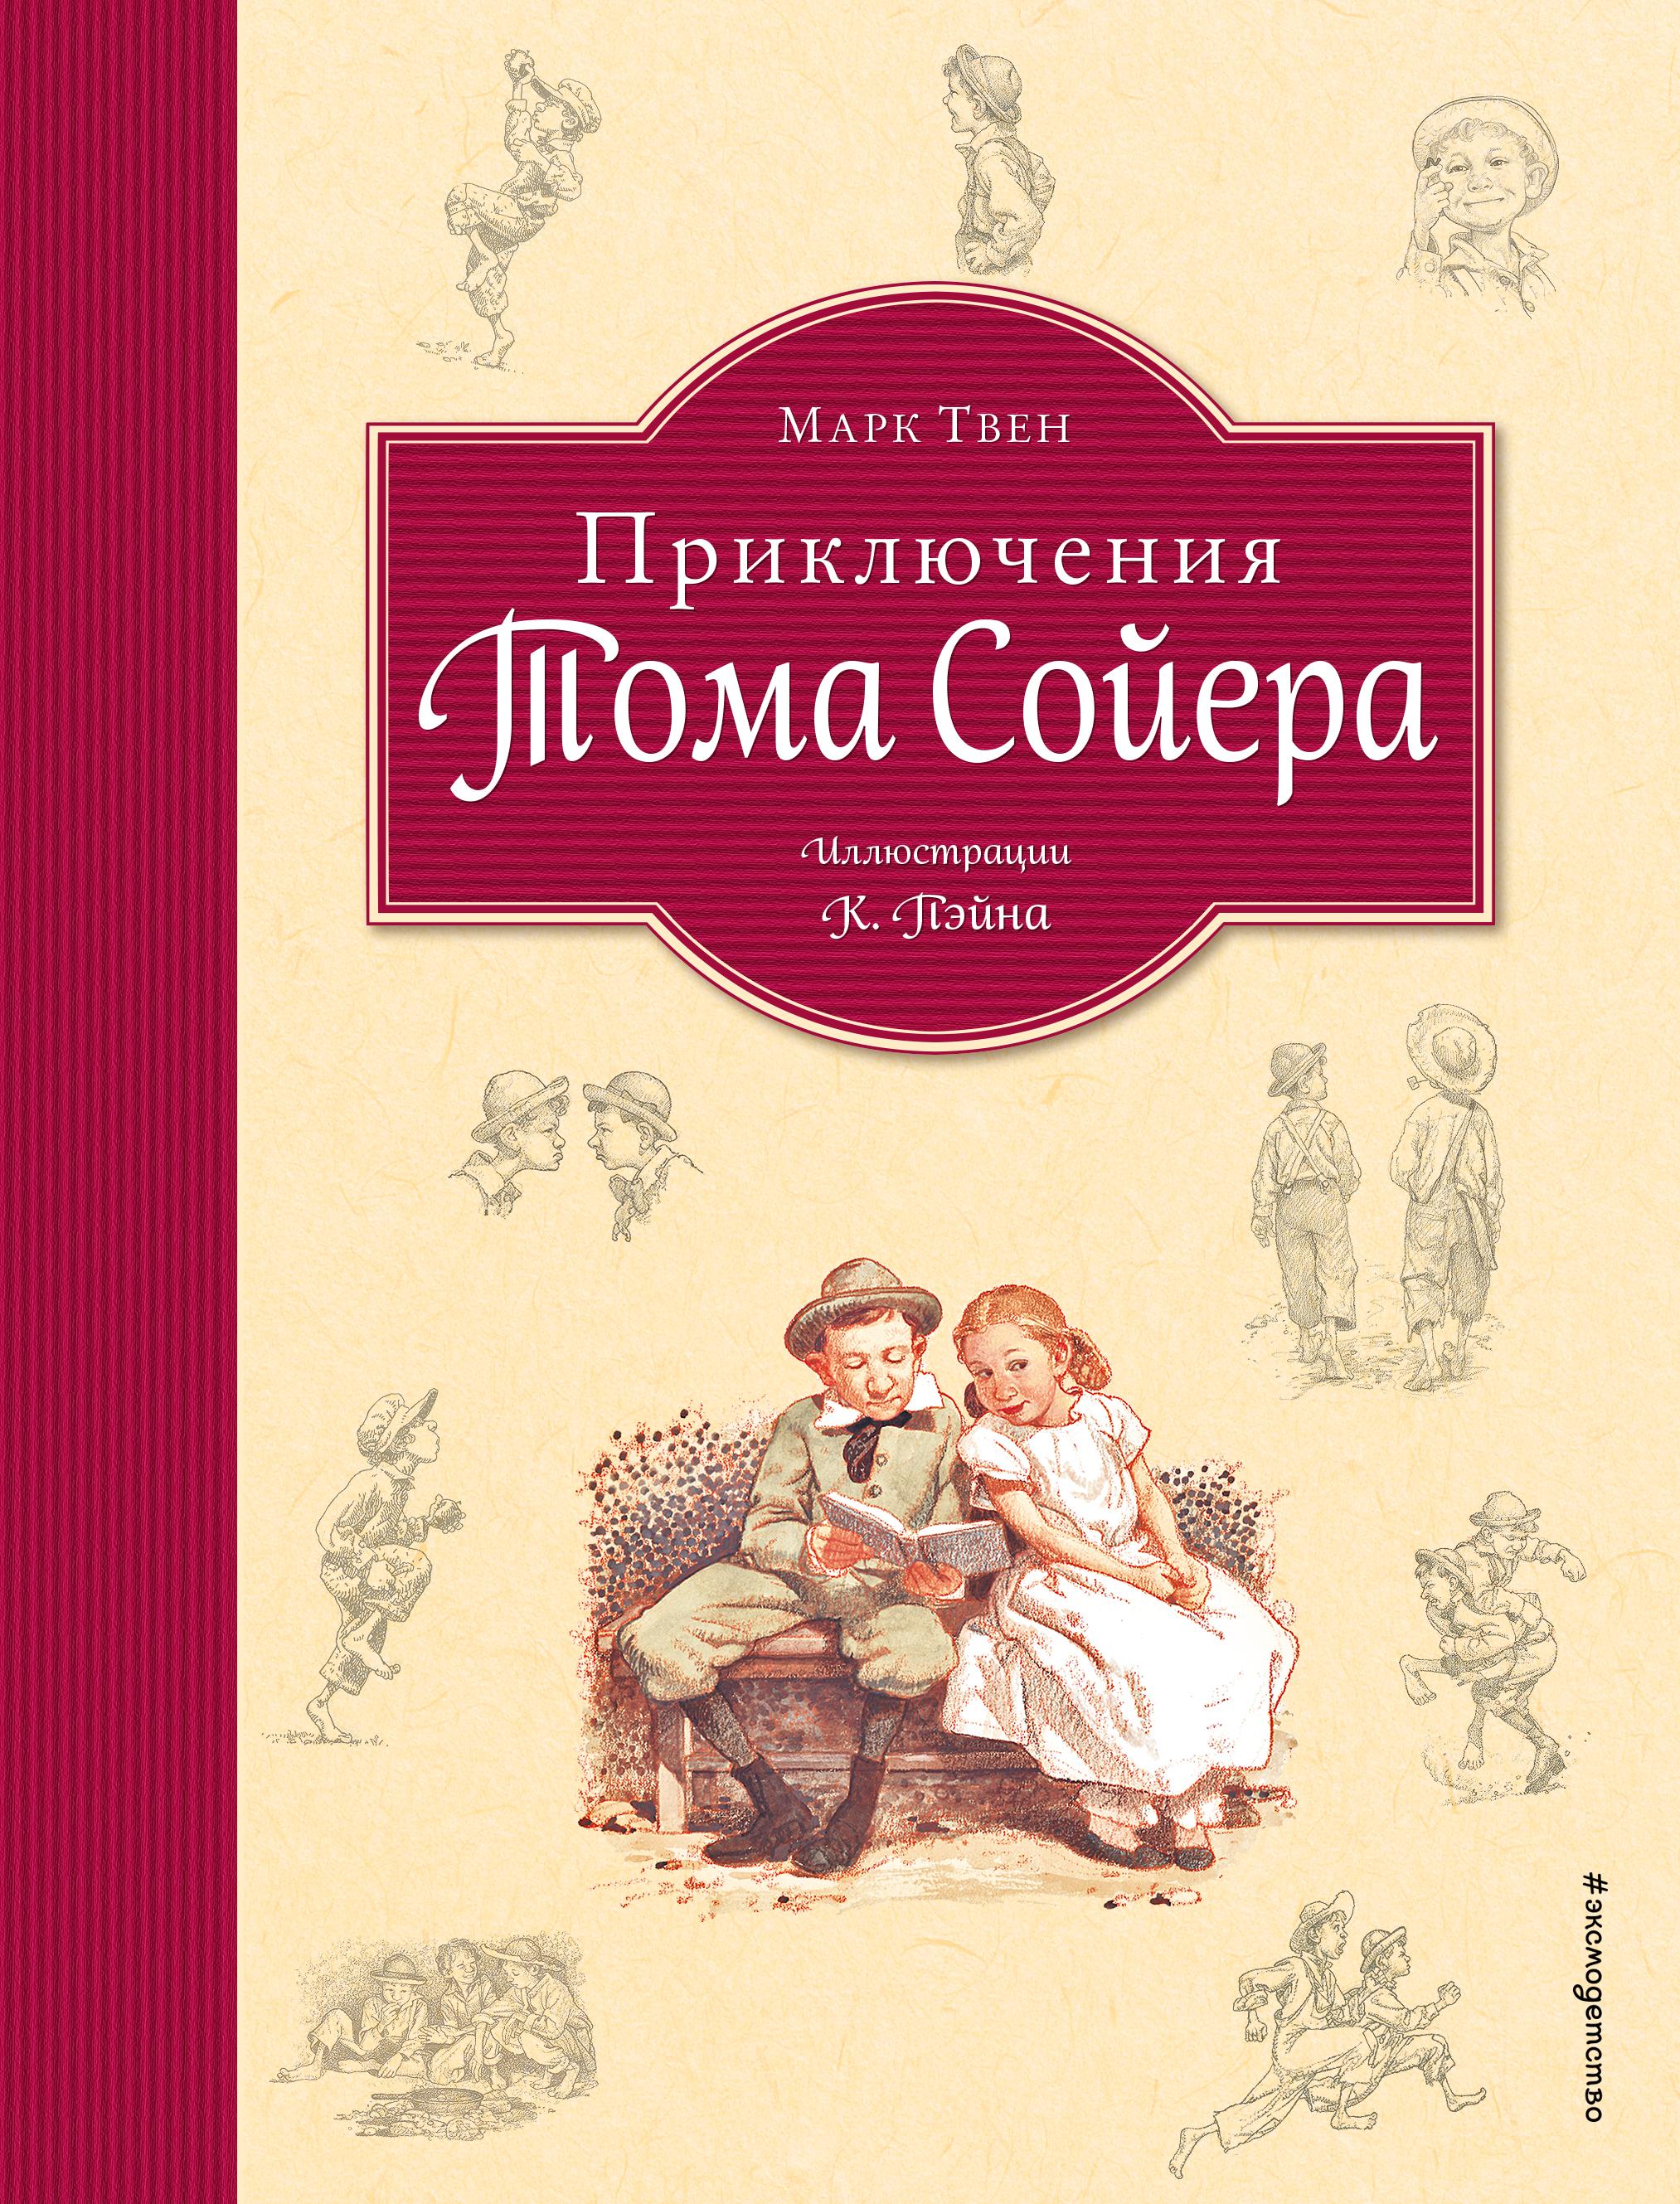 Приключения Тома Сойера (ил. К.Ф. Пэйна) (Том и Бекки)